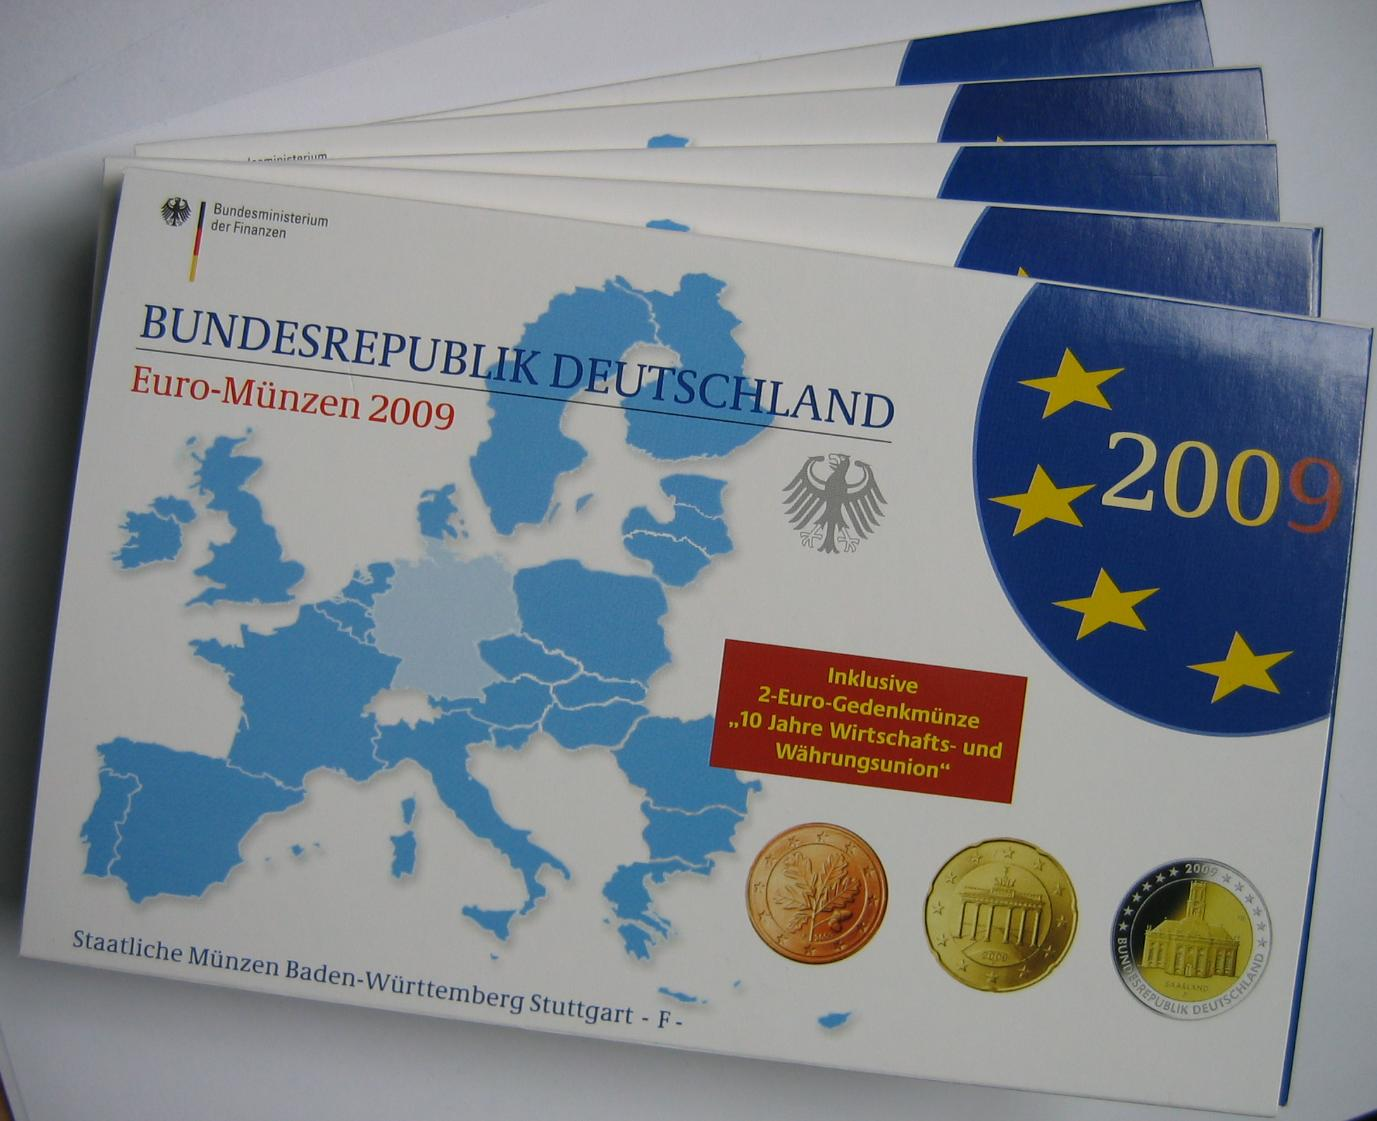 29,40€ 2009 Deutschland Kursmünzensätze mit 2€ Saarbrücken und 10J. EURO PP